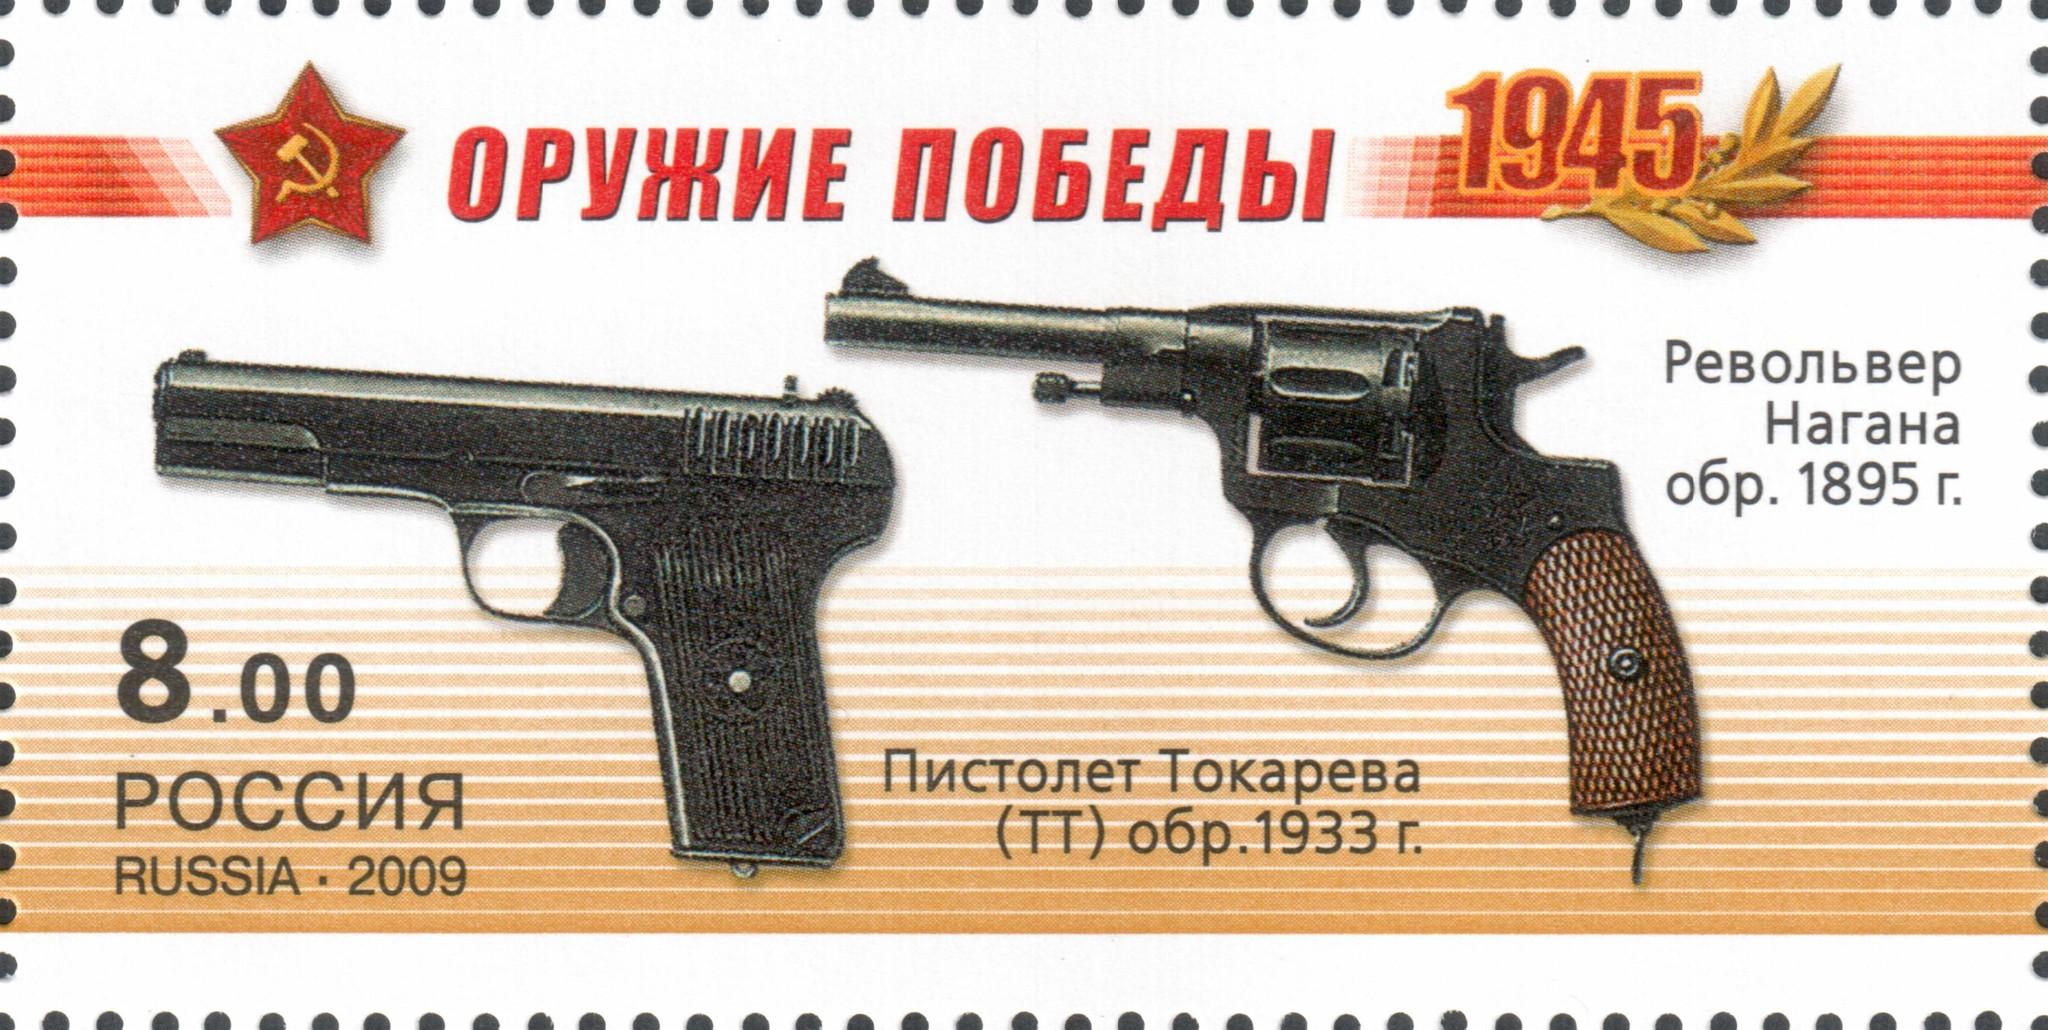 Пистолет Токарева (ТТ) обр. 1933 года и револьвер системы Нагана обр. 1895 года